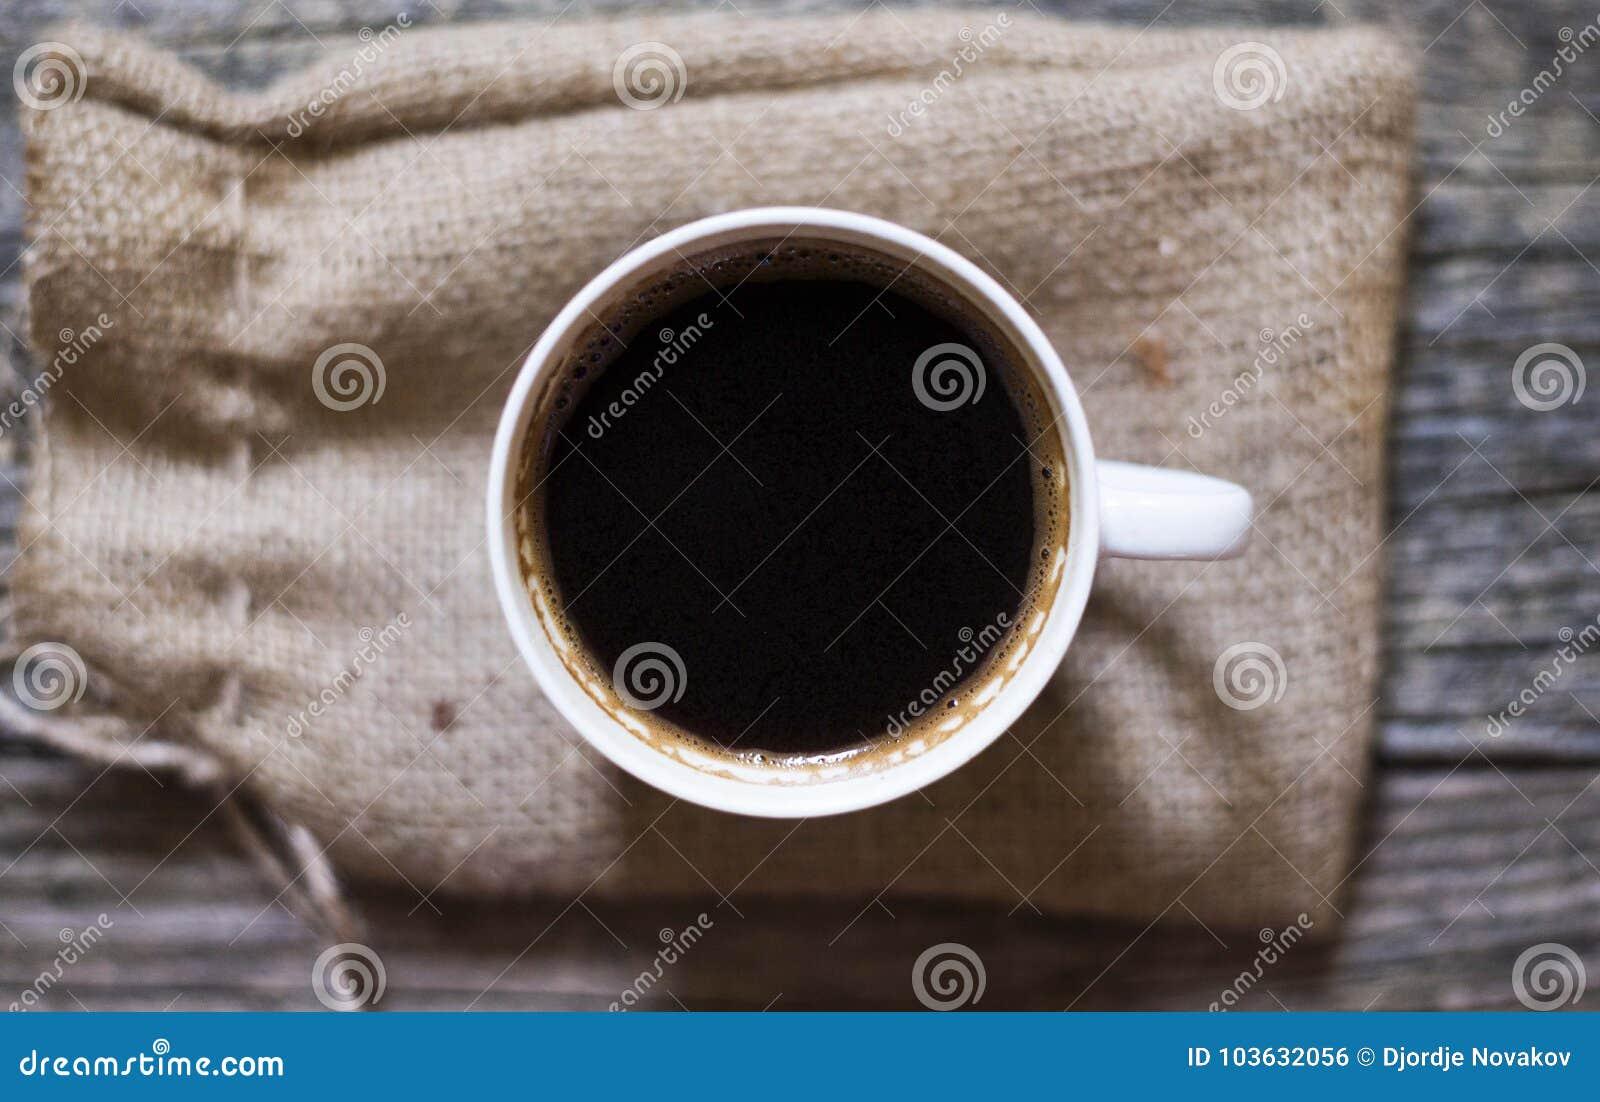 Bästa svart kaffe beskådar